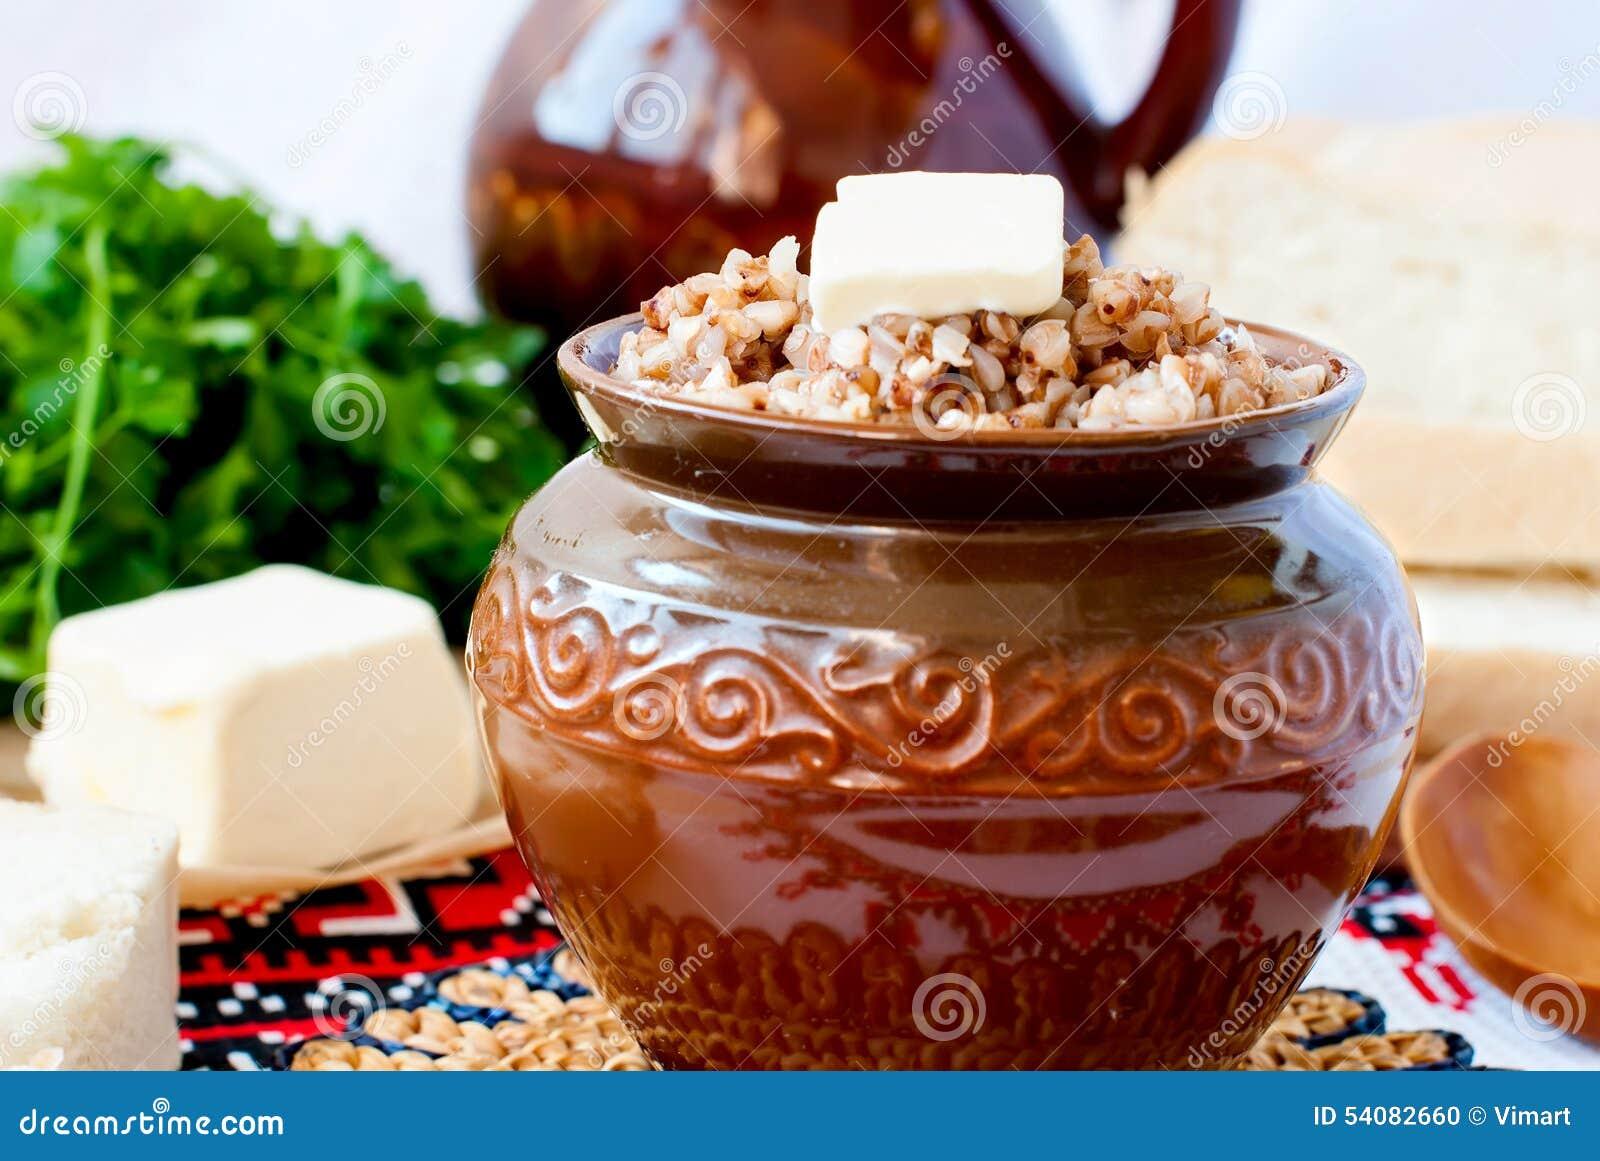 De havermoutpap van het boekweit met boter